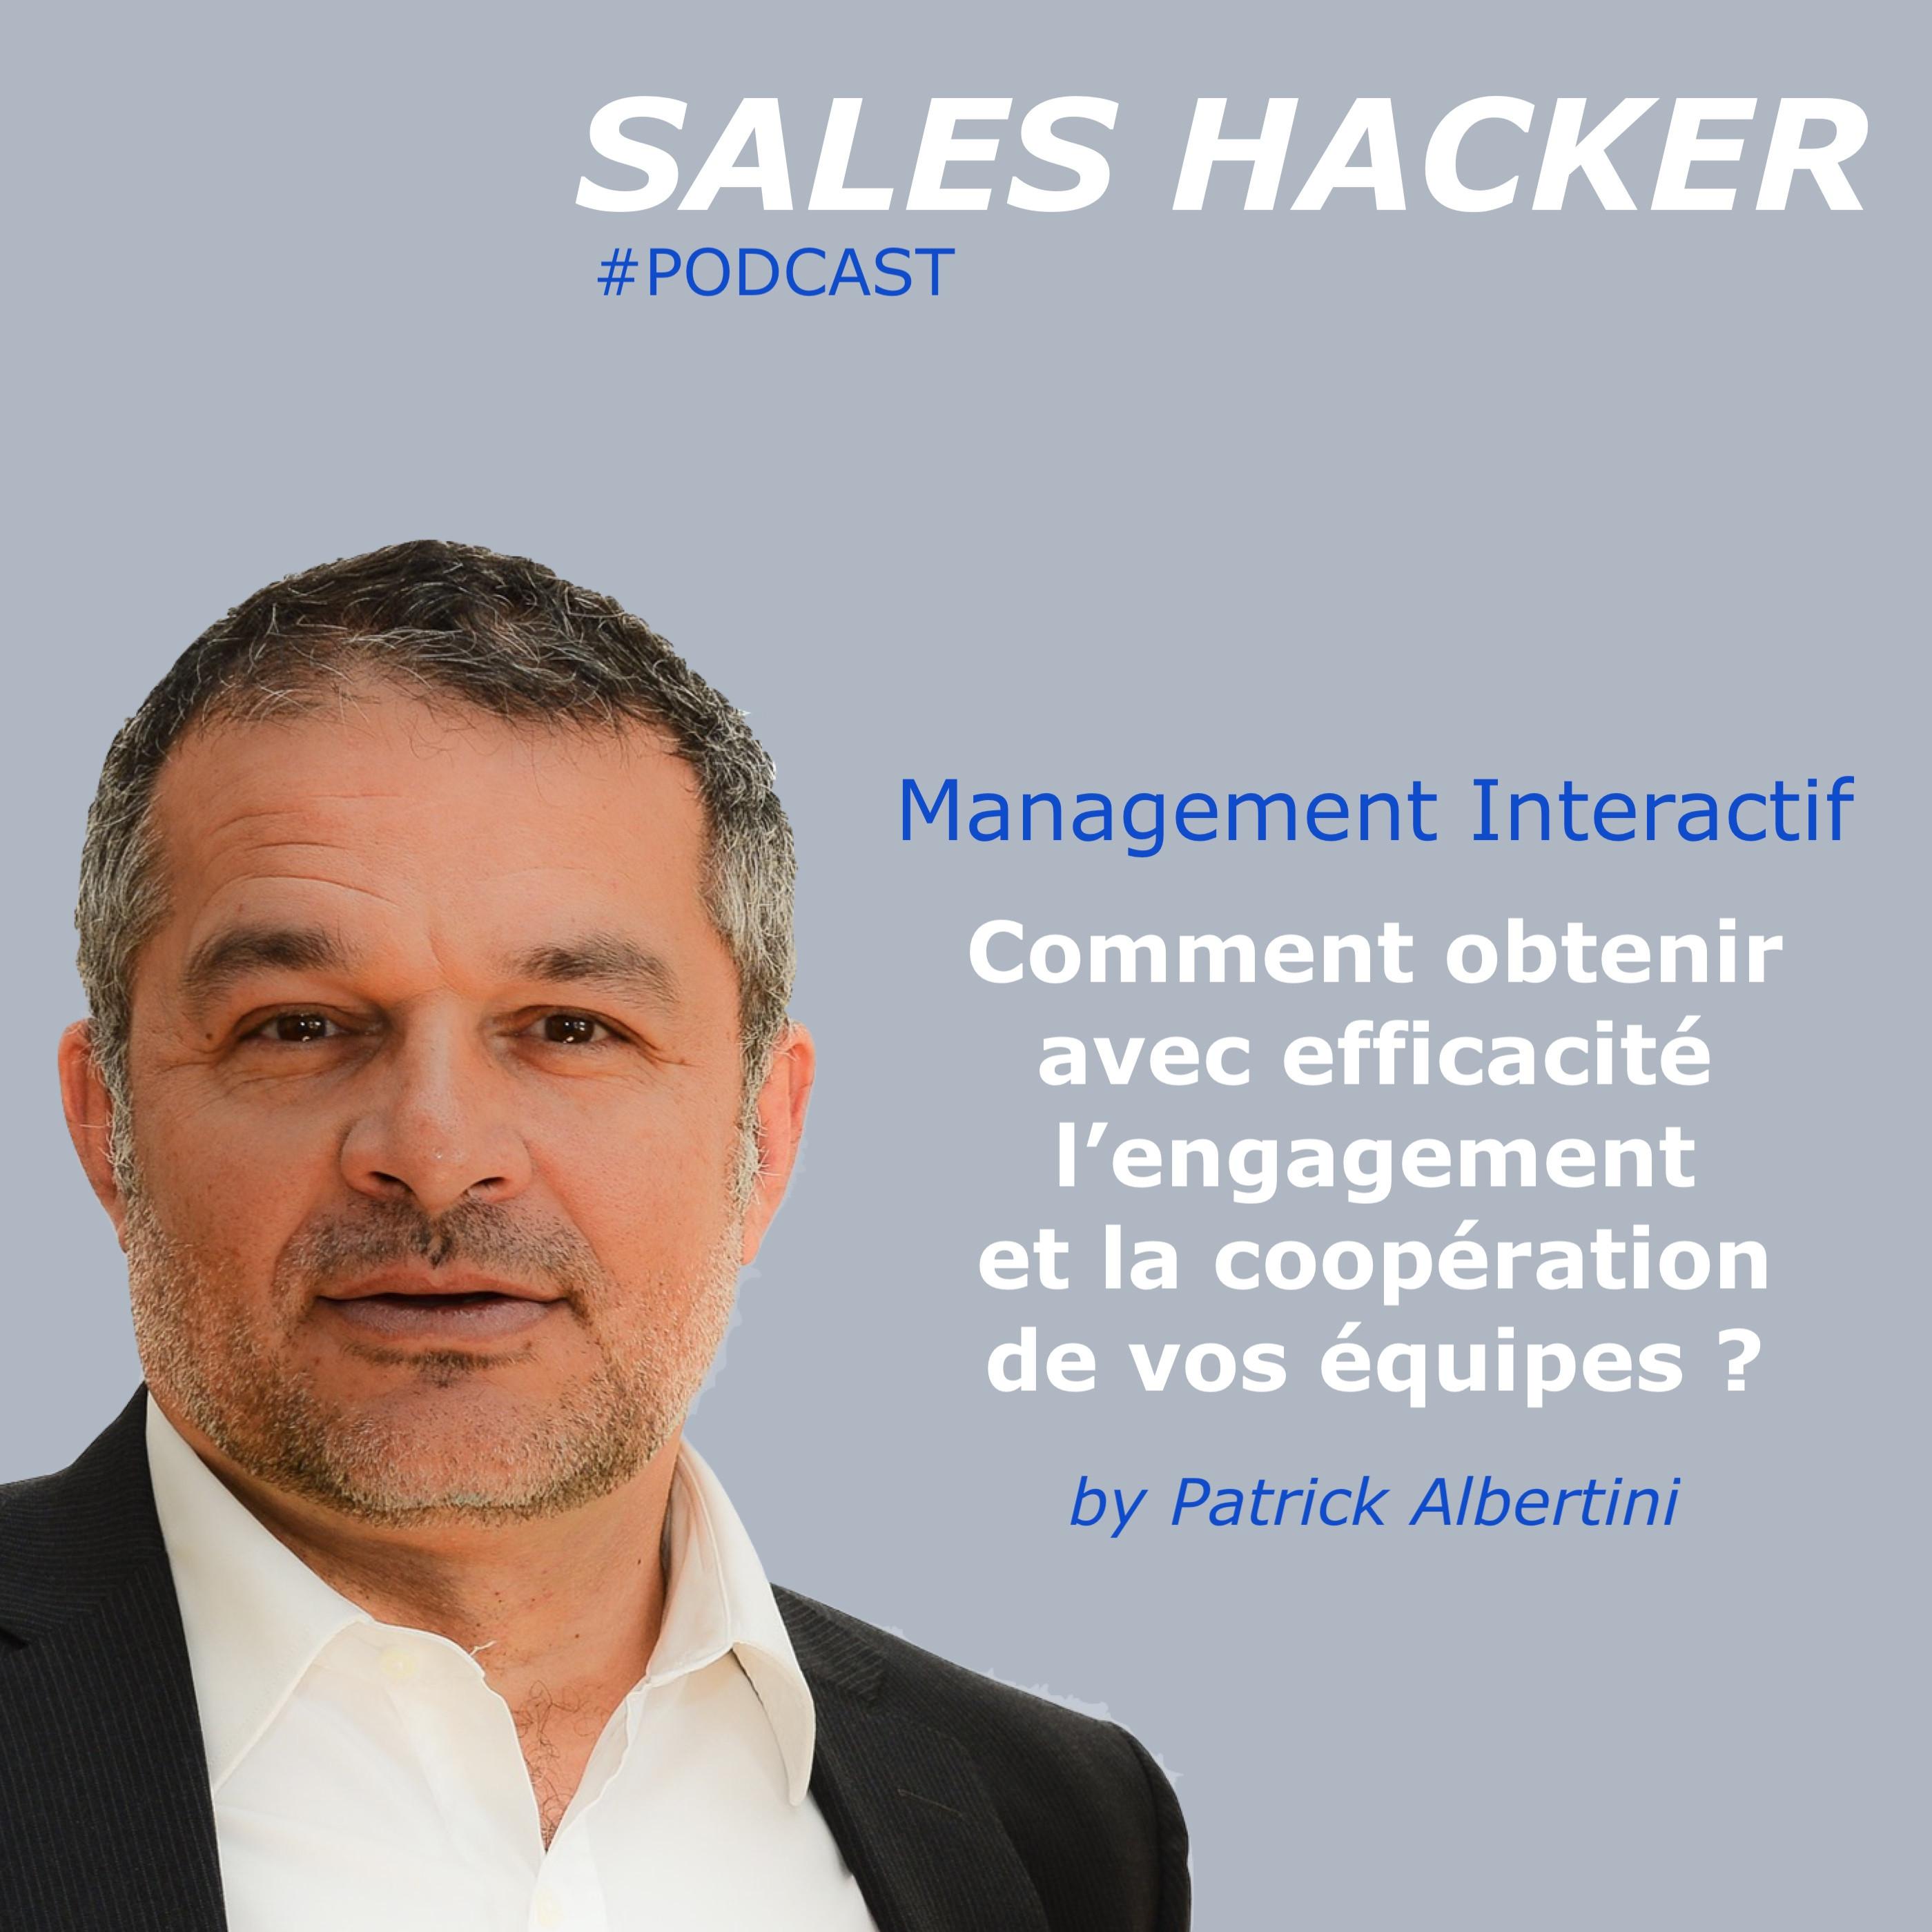 Comment obtenir avec efficacité l'engagement et la coopération de vos équipes ?